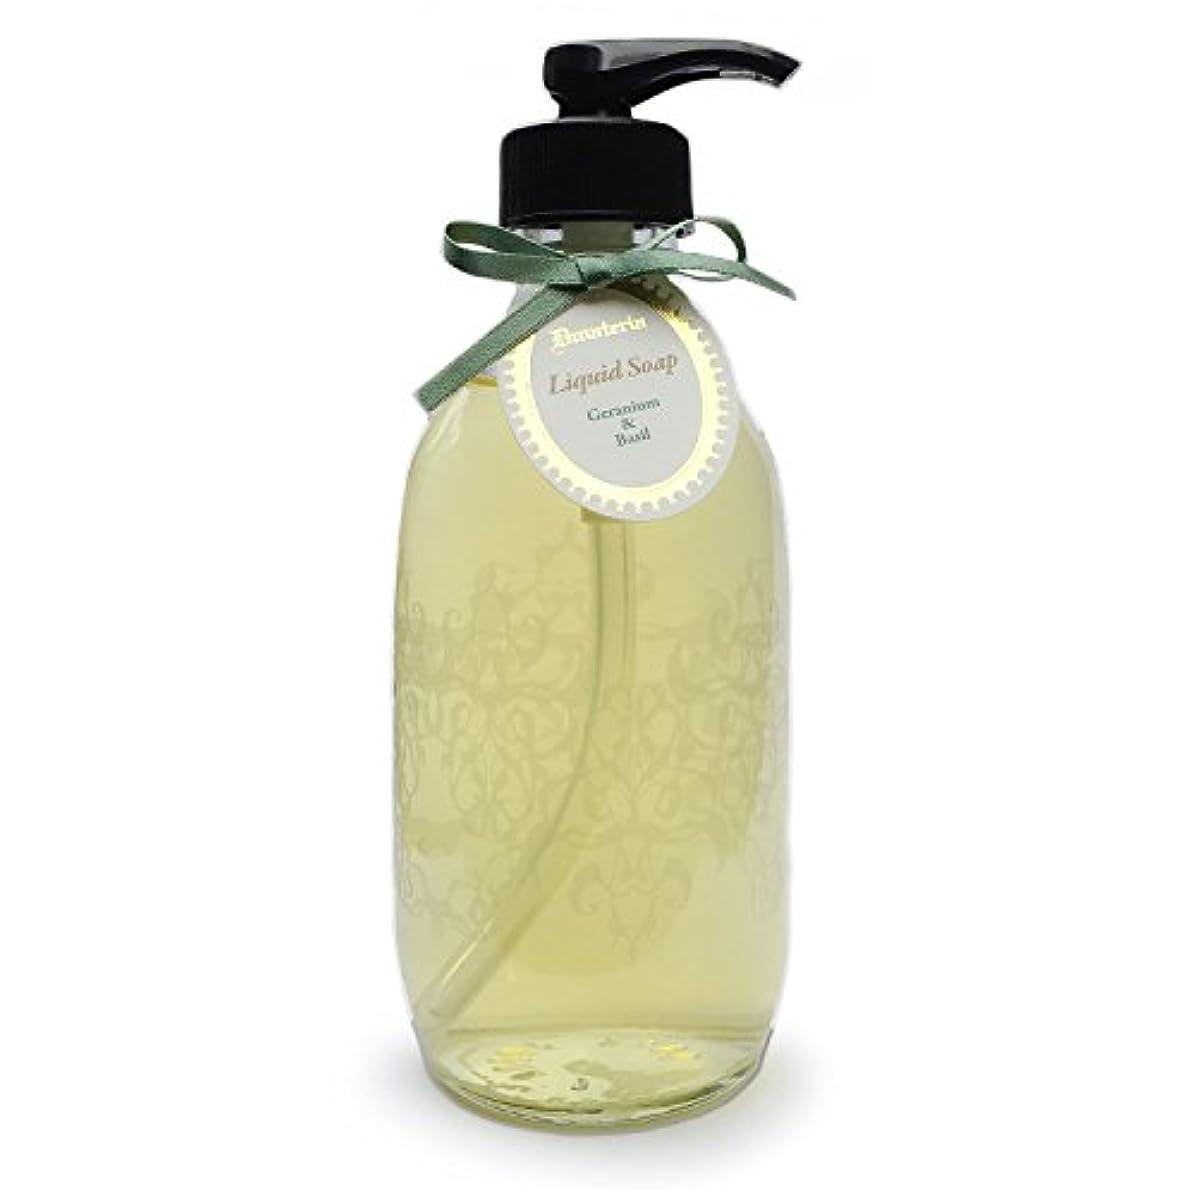 成功したドリル広告D materia リキッドソープ ゼラニウム&バジル Geranium&Basil Liquid Soap ディーマテリア